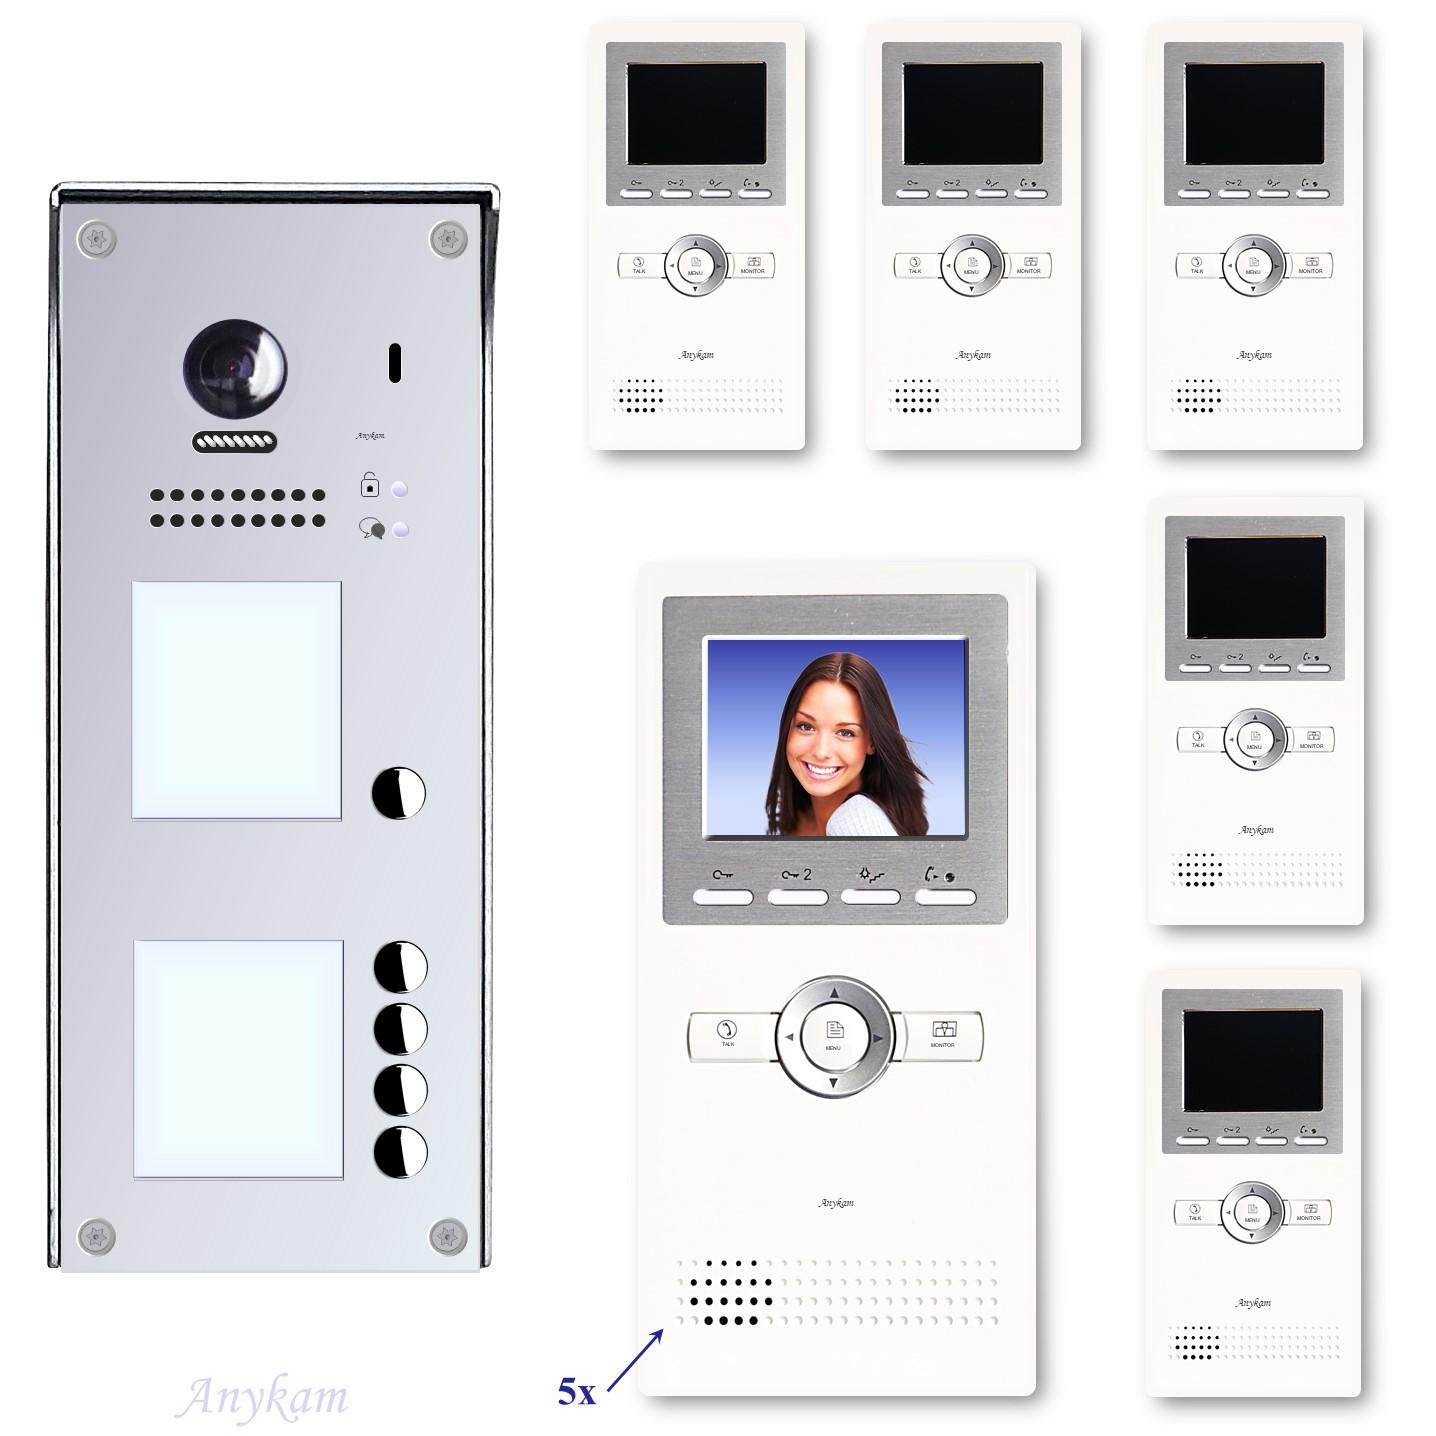 Video Klingelanlagen mit Kamera 2-draht 5-familienhaus mit Edelstahl Klingel 608idfe-S5 Aufputzmontage